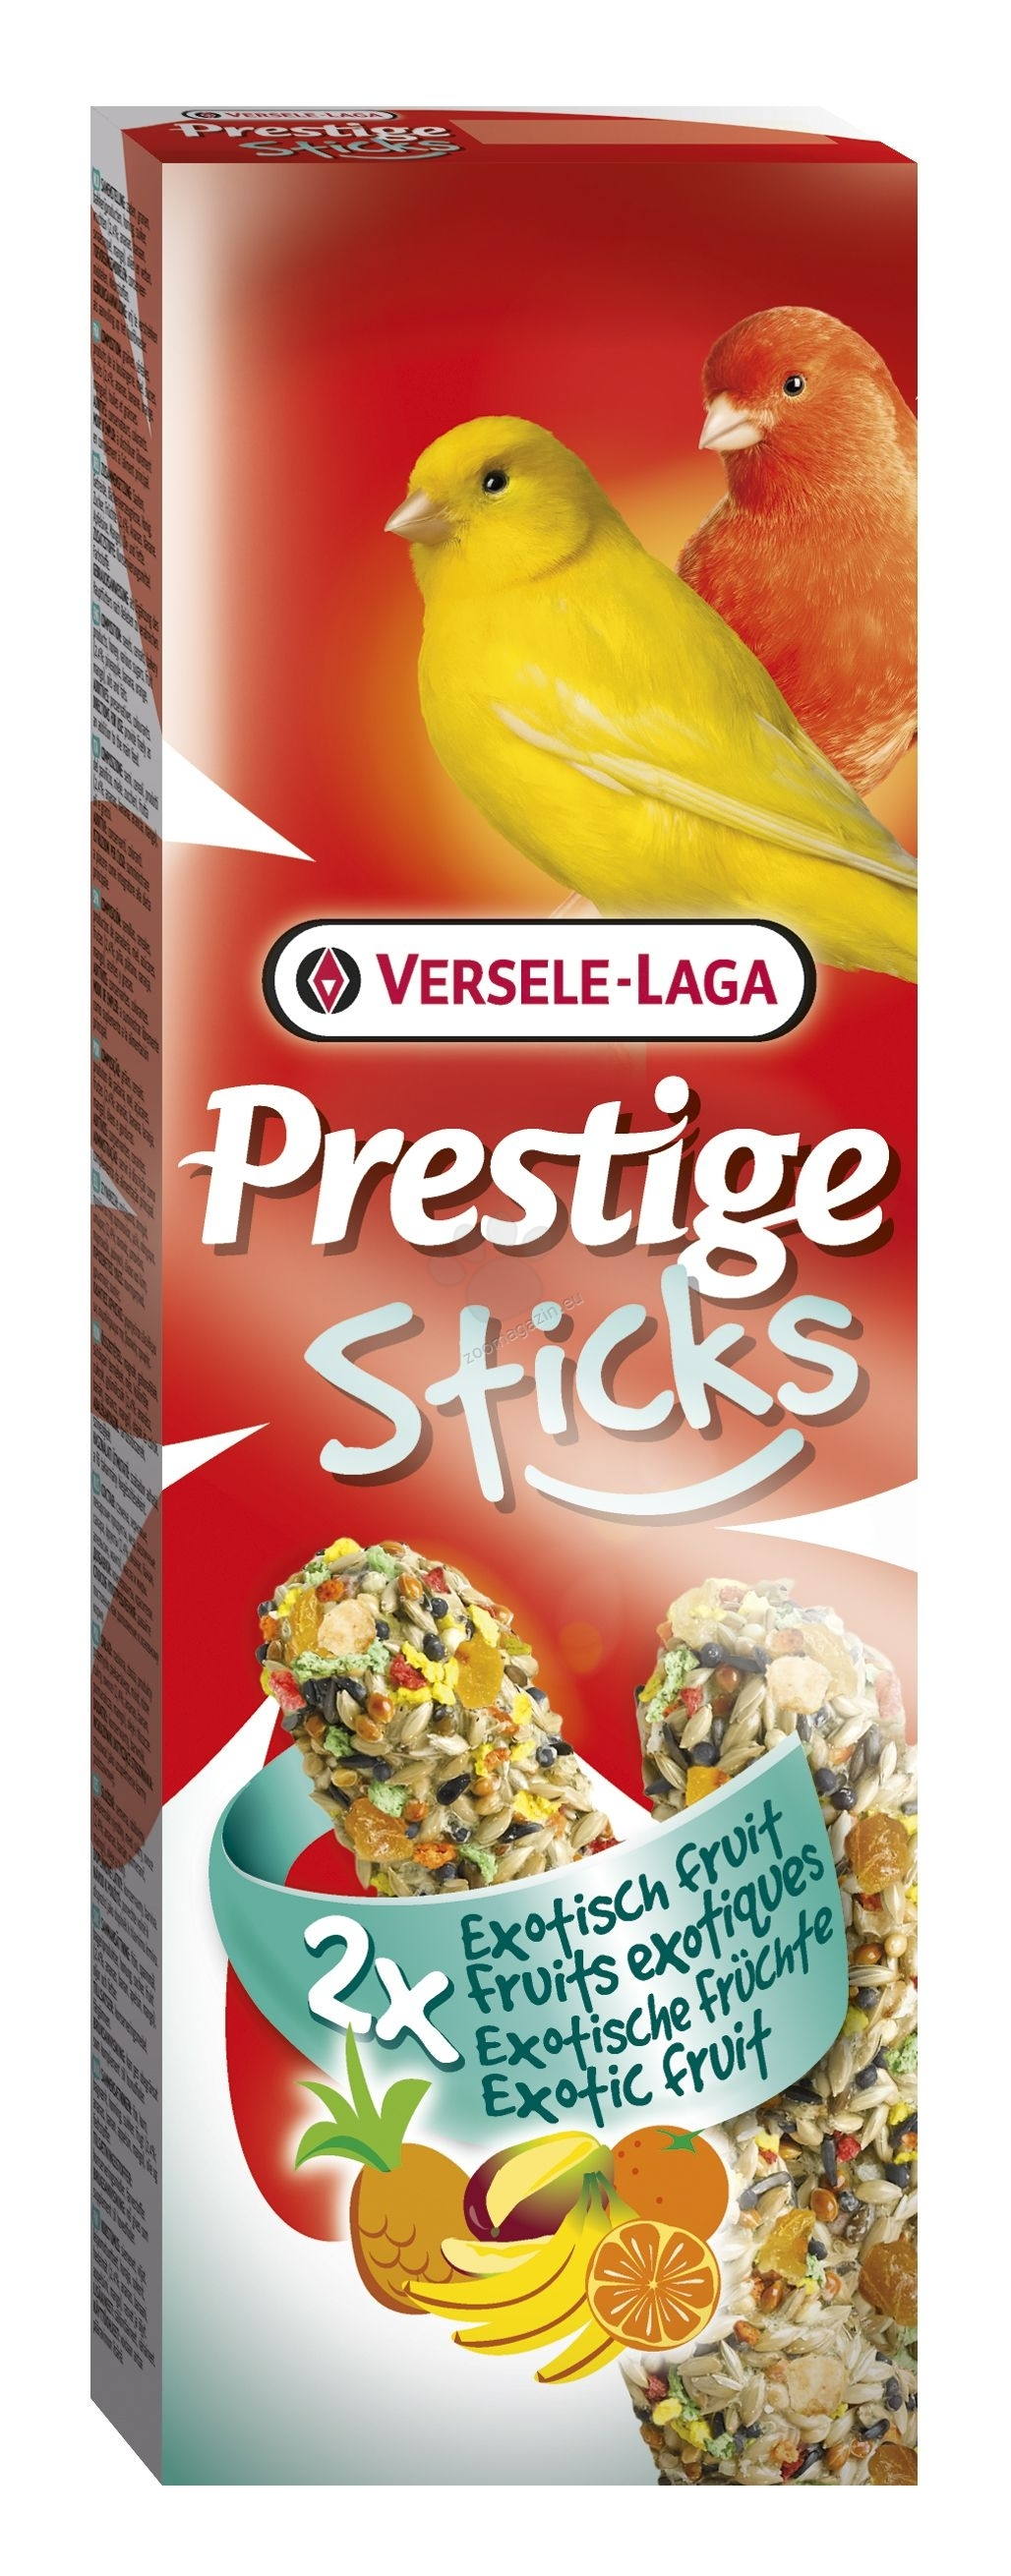 Versele Laga - Prestige Sticks Canaries Exotic Fruit - стик за канари с екзотични плодове - 2 / 30 гр.